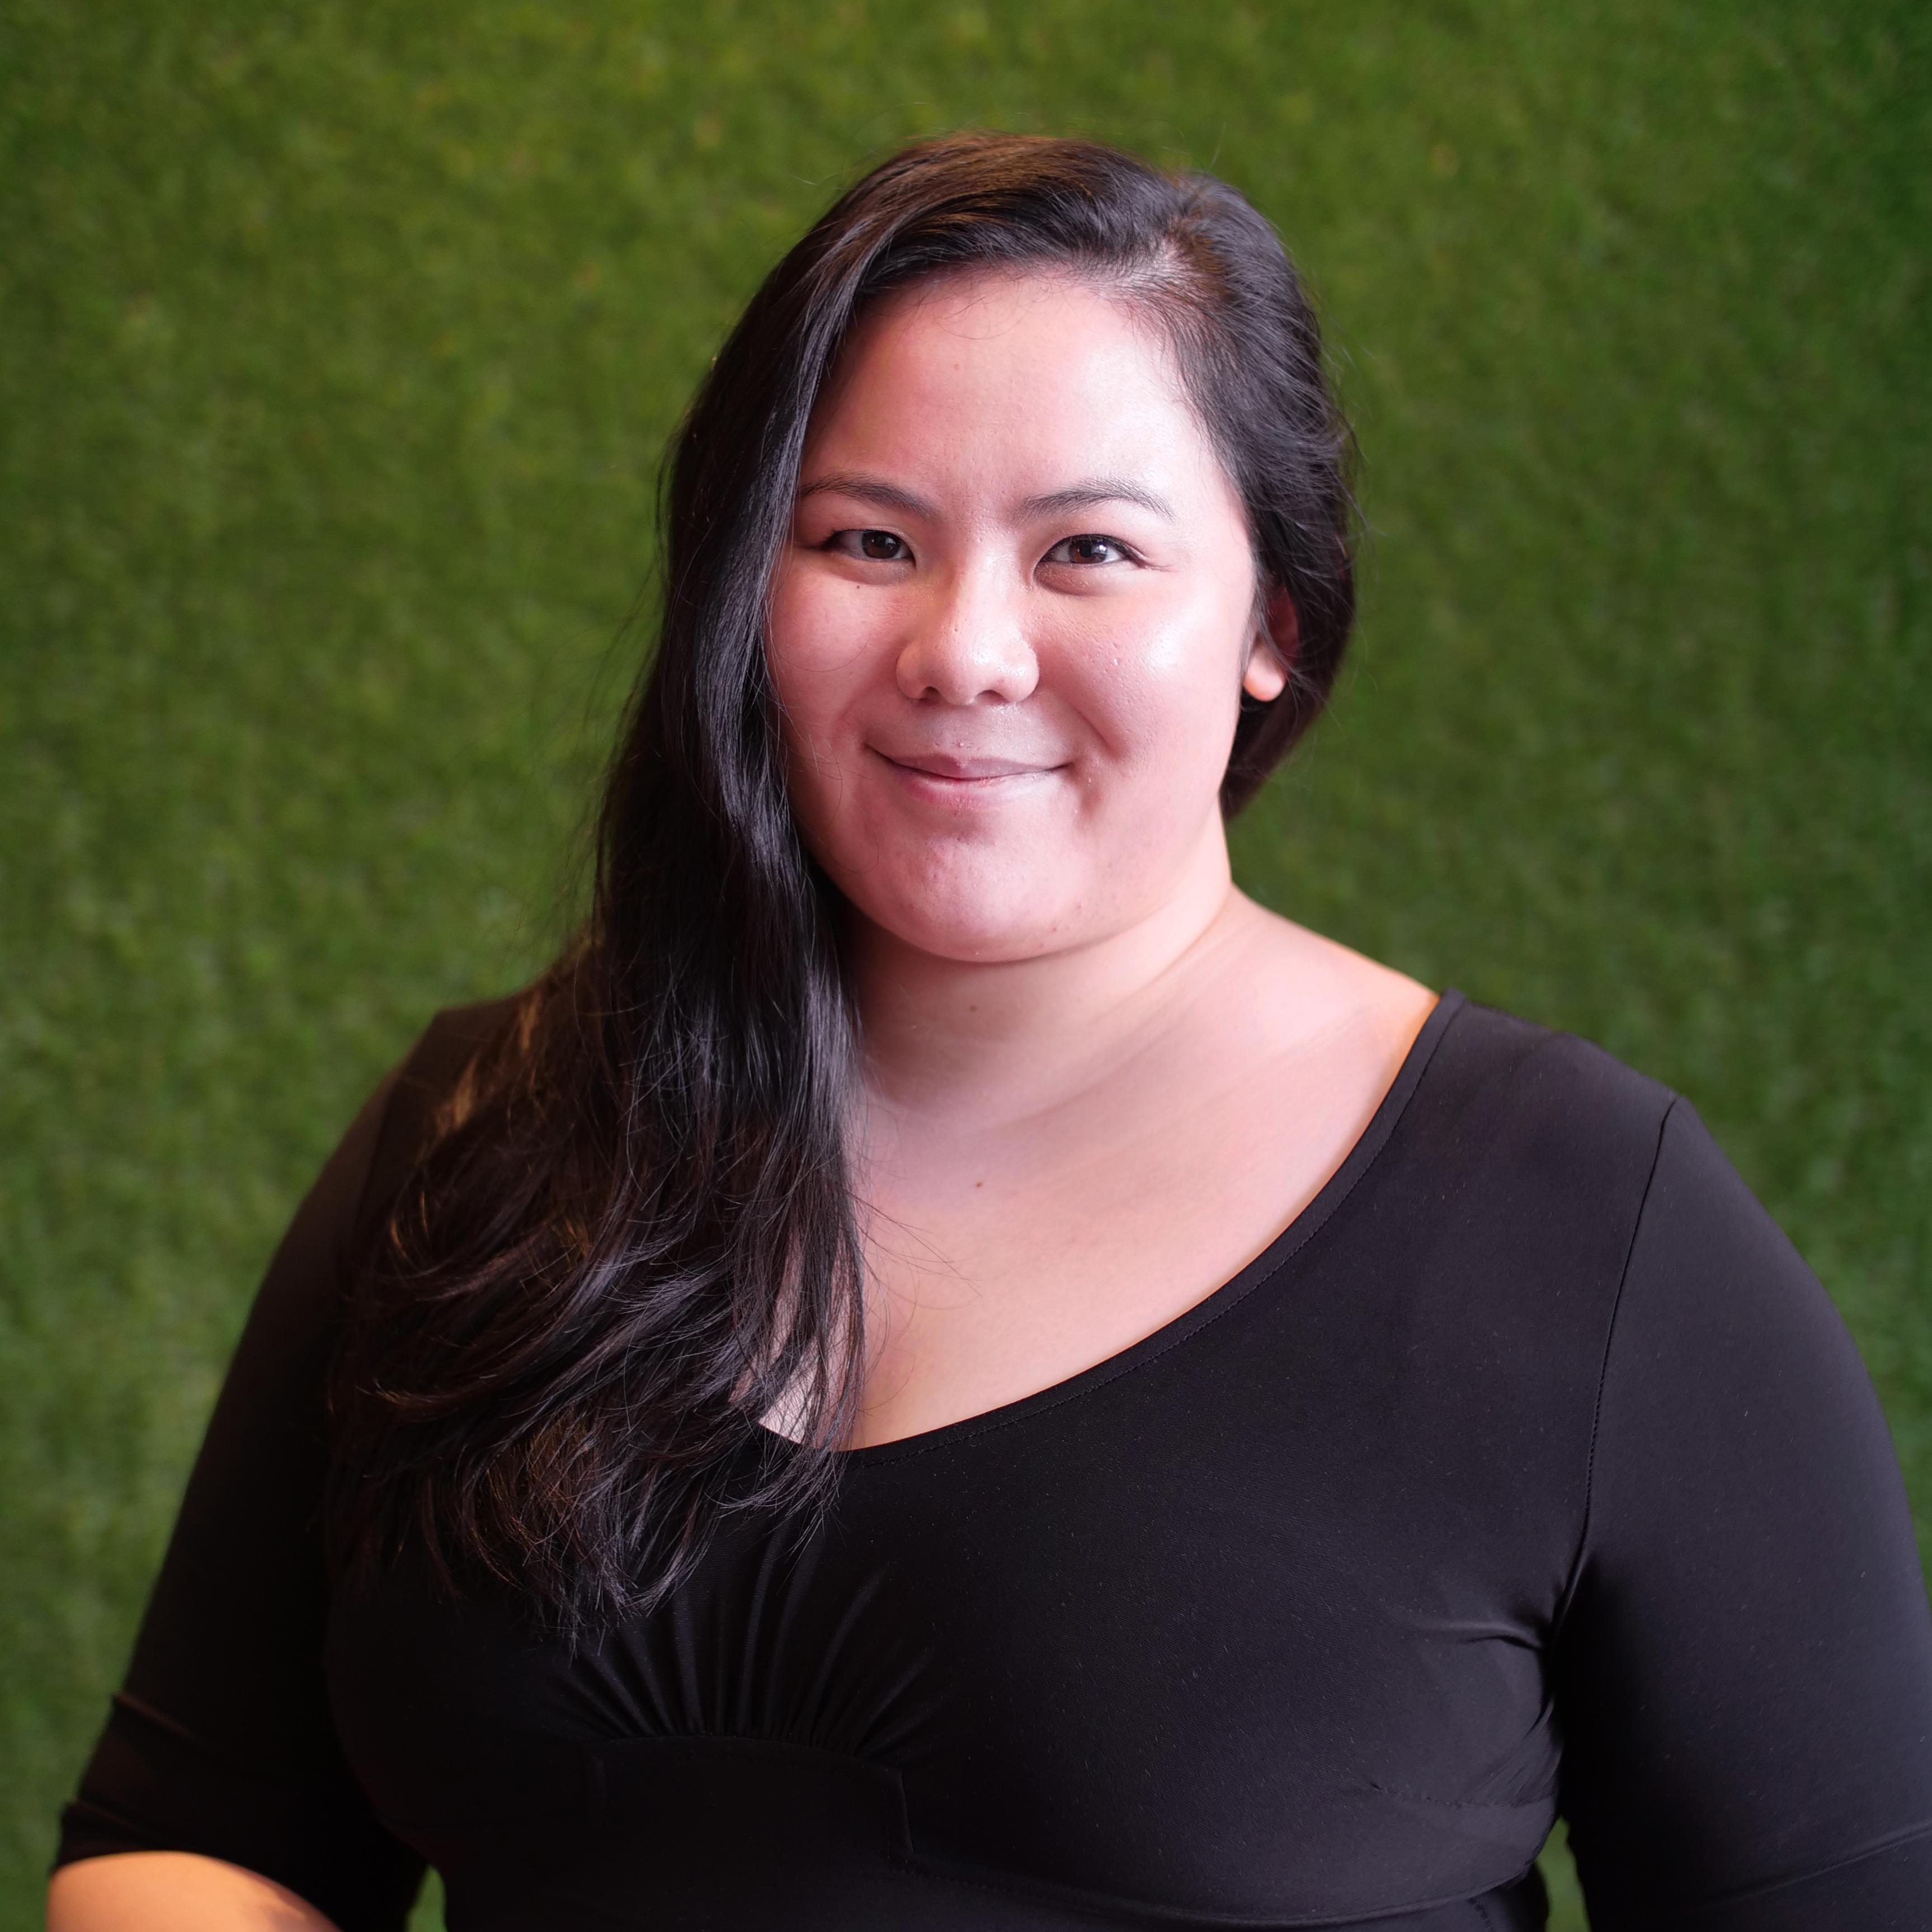 Lisa Lim